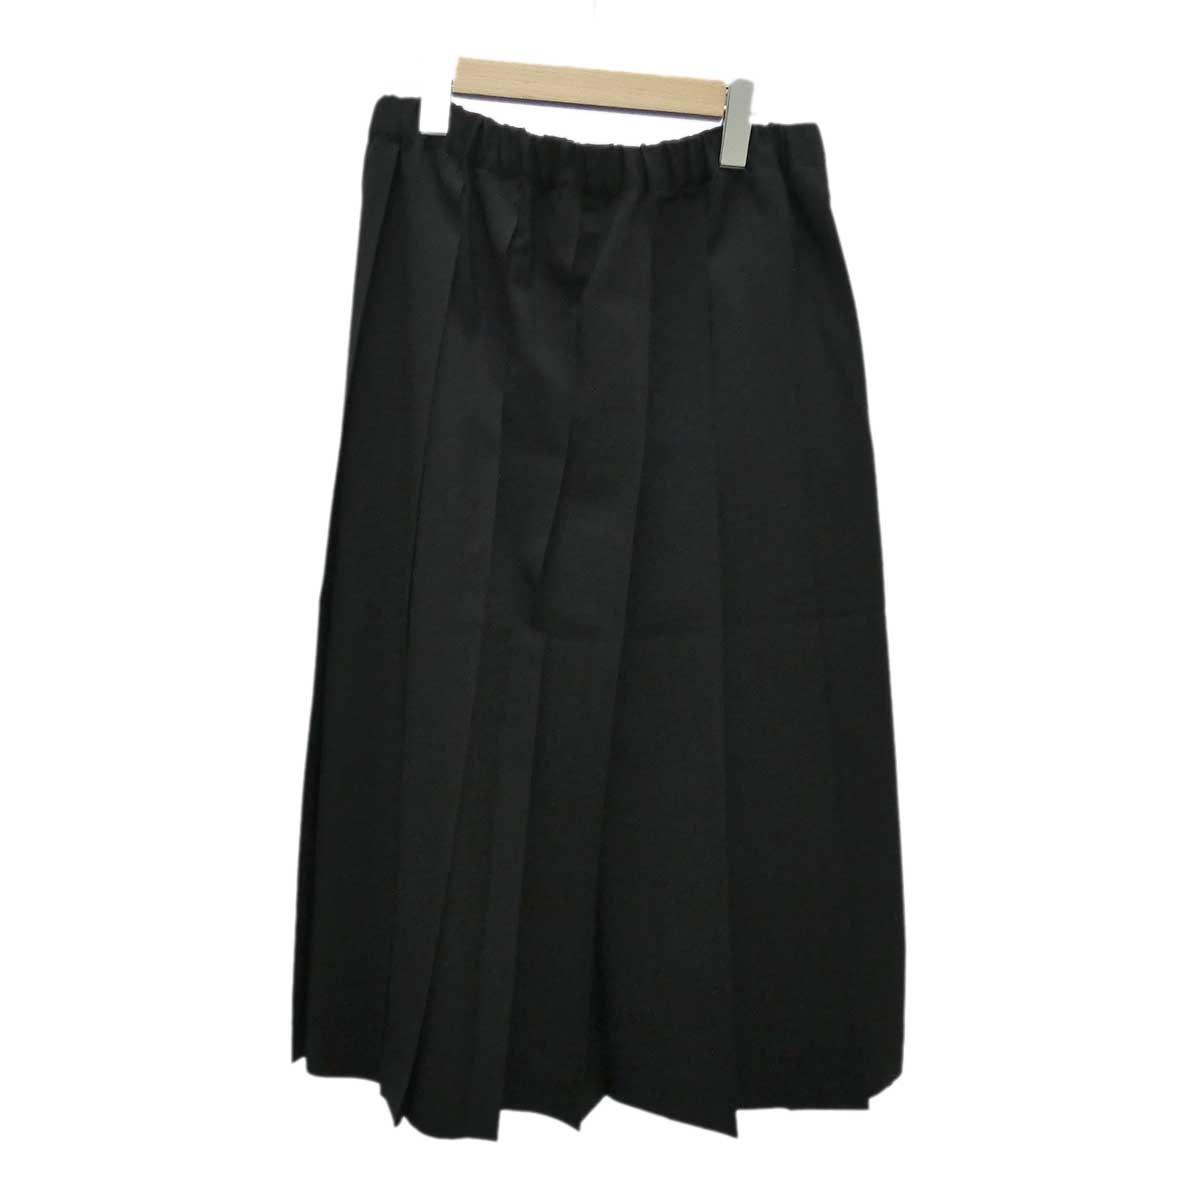 【中古】COMME des GARCONS COMME des GARCONS ウールプリーツスカート ブラック サイズ:M 【200120】(コムデギャルソンコムデギャルソン)